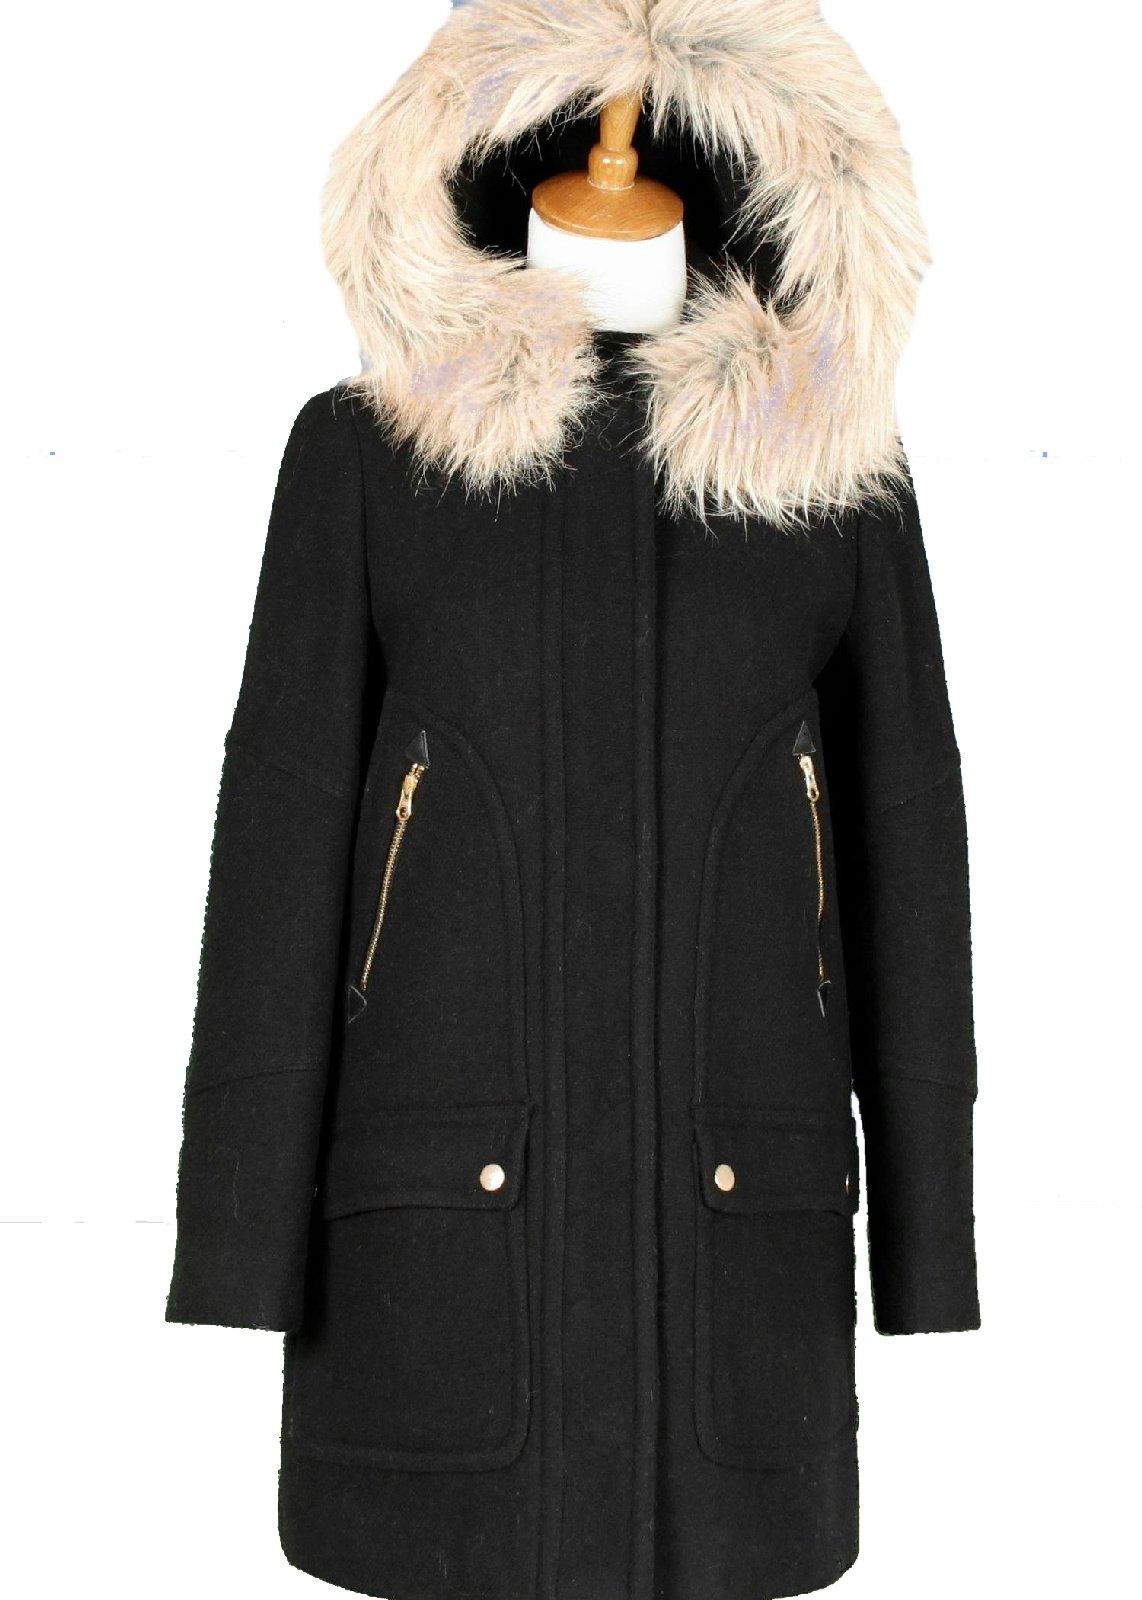 J Crew Chateau Parka Black Size 000 Style B3901 Black Jacket Coat